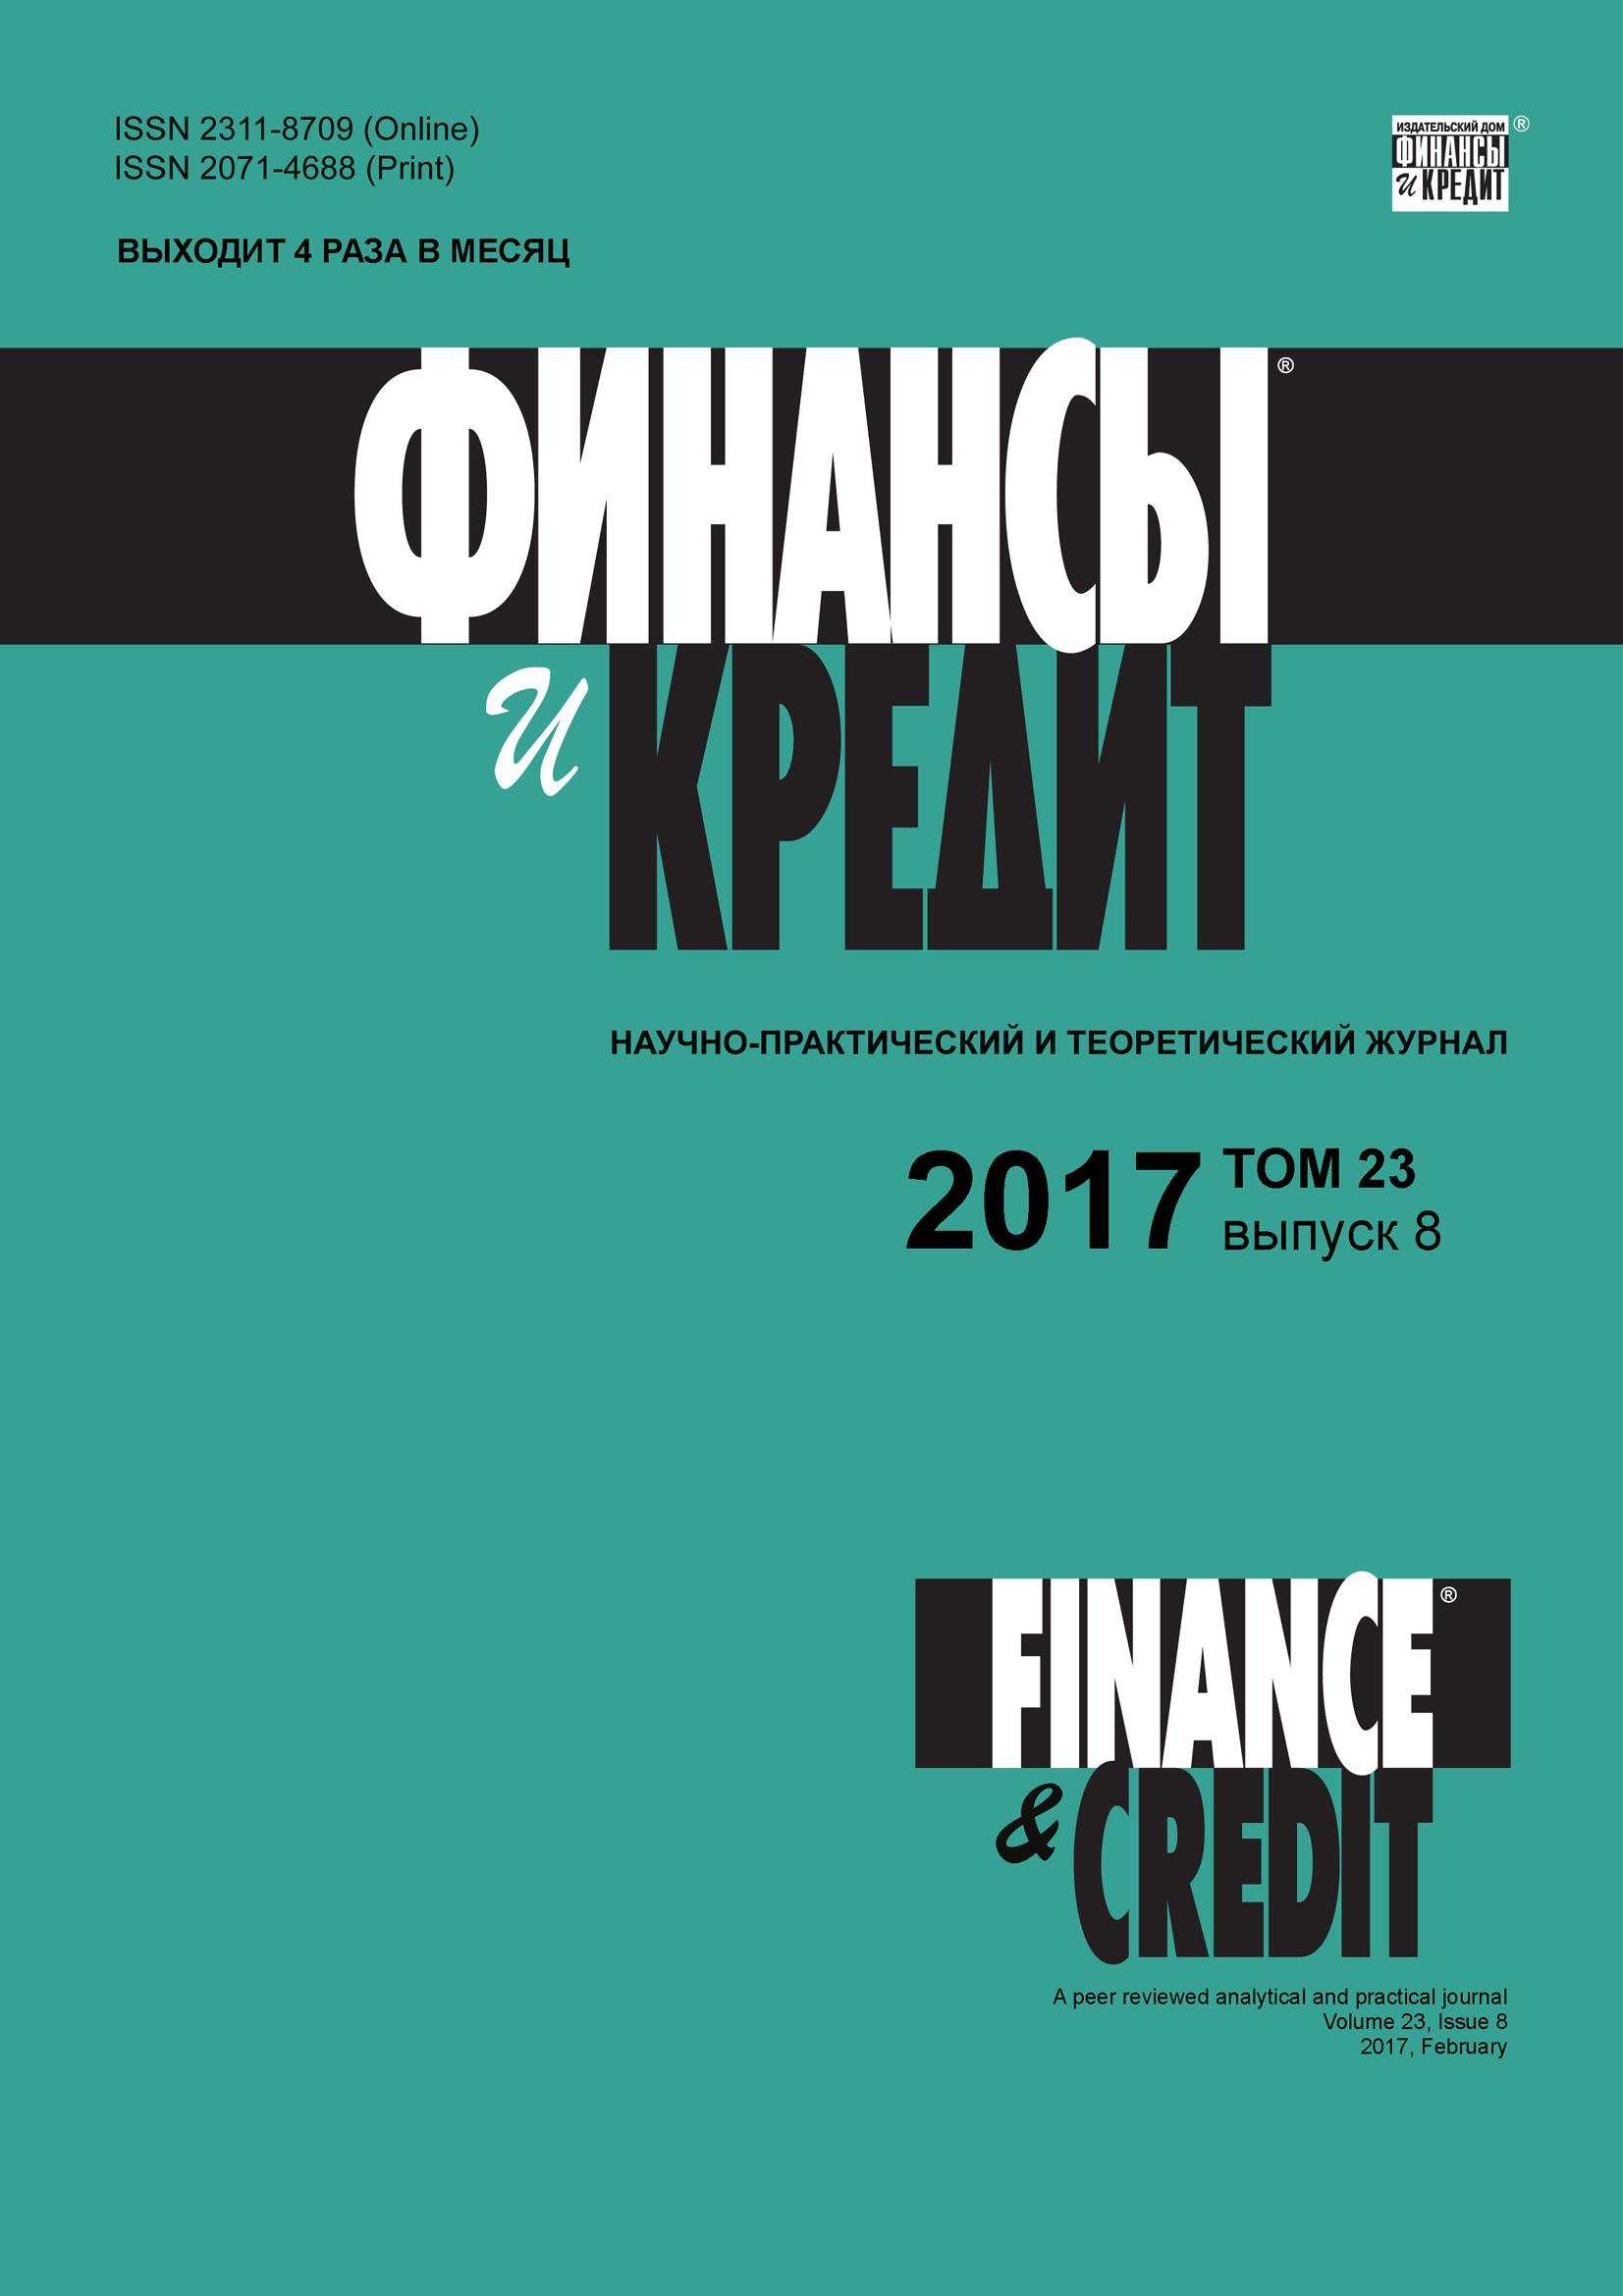 Финансы и Кредит № 8 2017